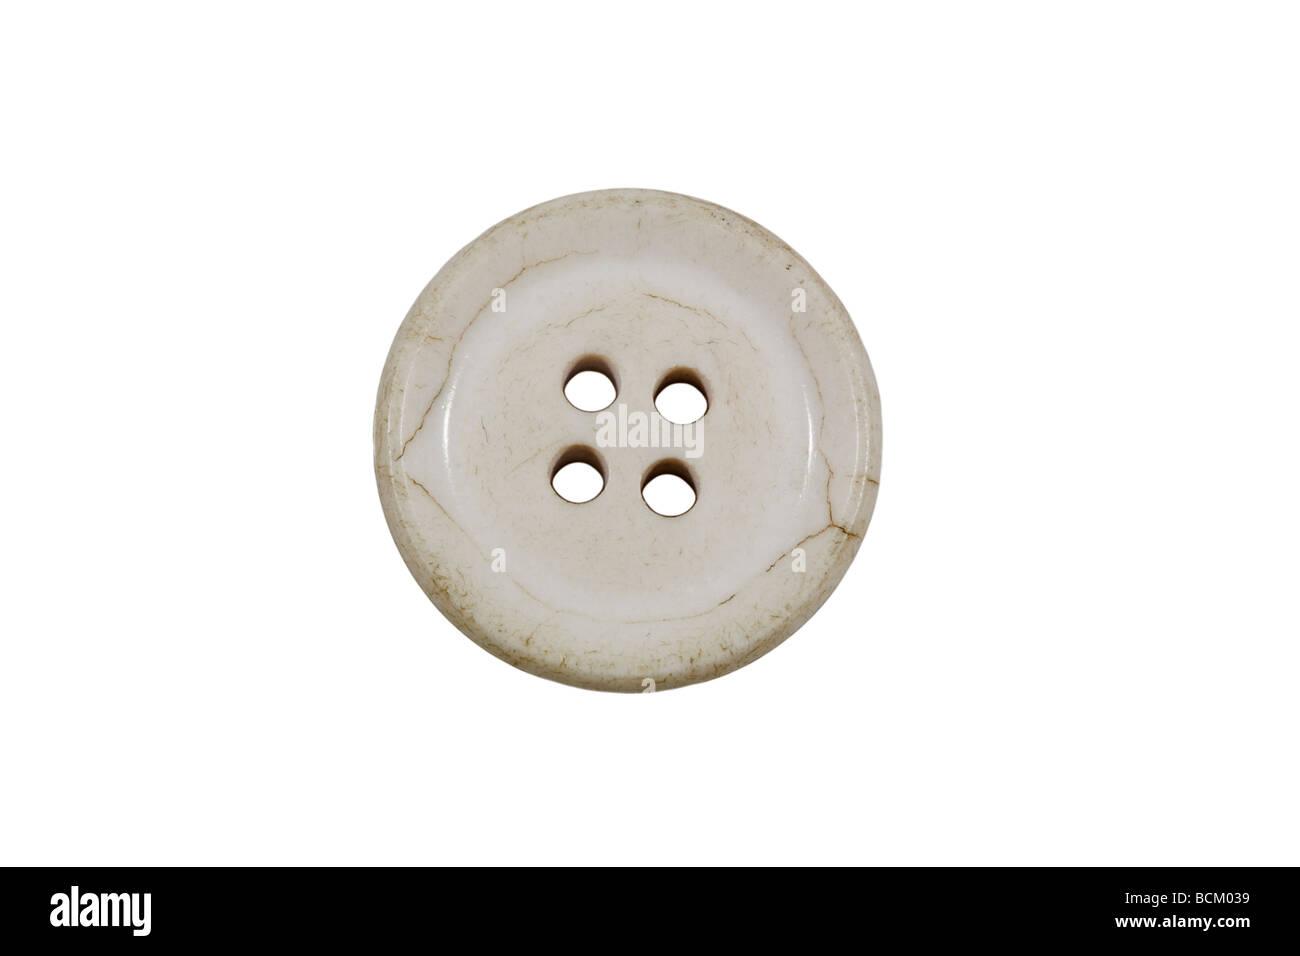 Crazed white coloured button - Stock Image